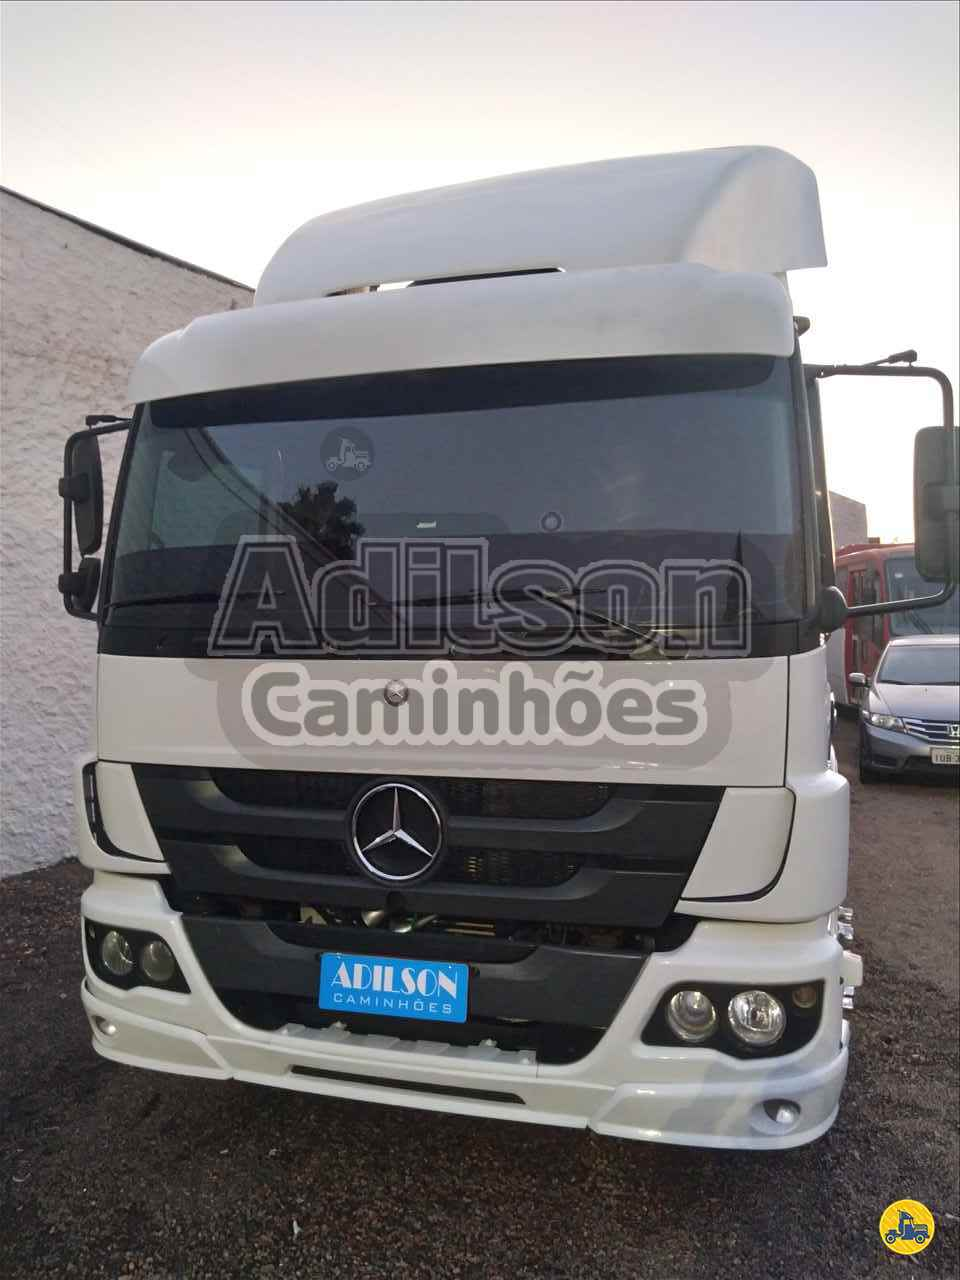 MB 2426 de Adilson Caminhões - PORTO ALEGRE/RS